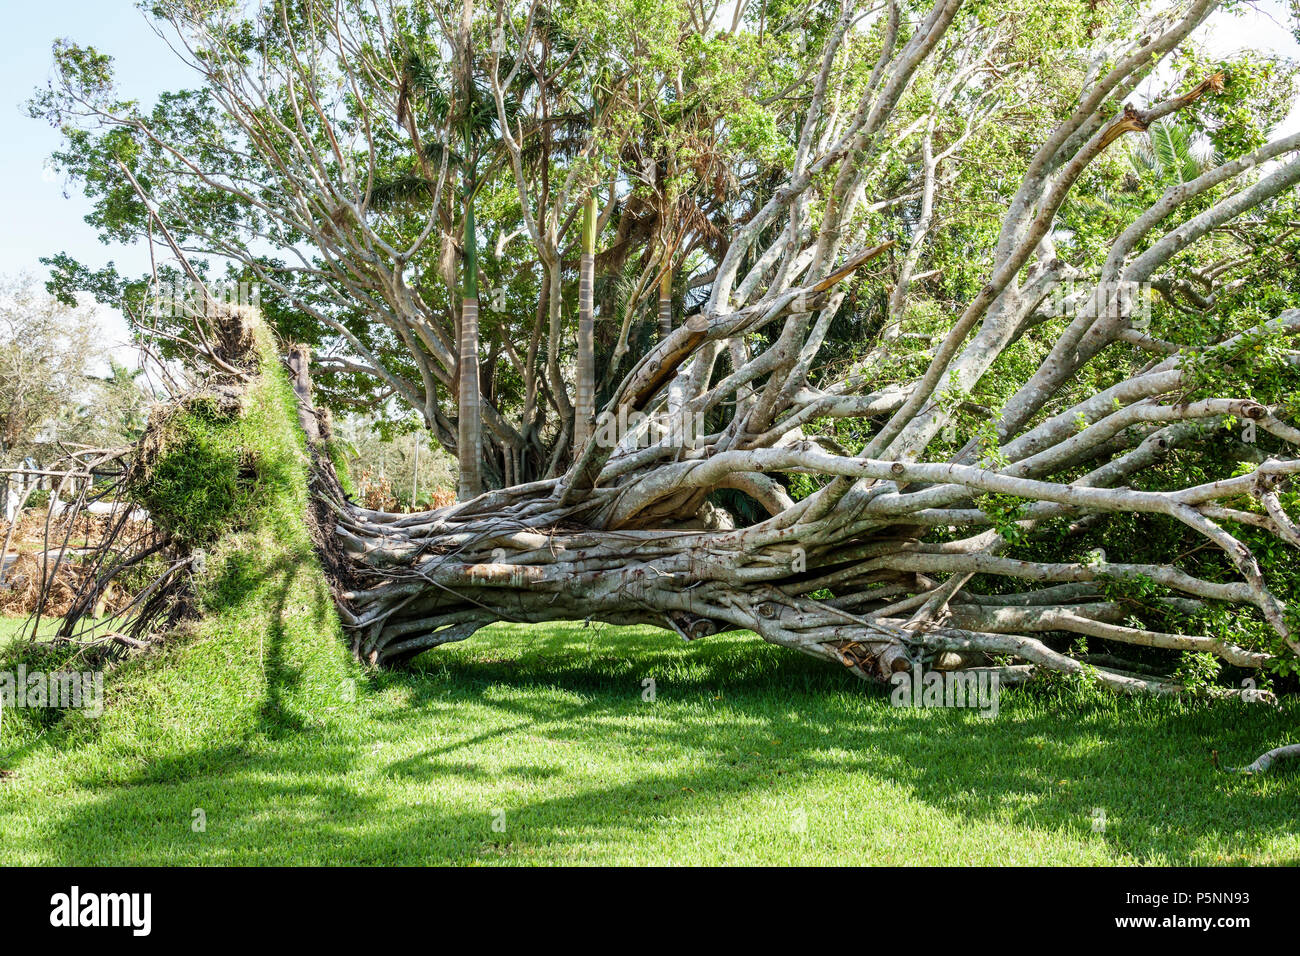 Naples Florida Crayton Straße Hurricane Irma Sturm Schäden Zerstörung folgen Gefallen umgestürzten große Tree root system Rasen Stockbild